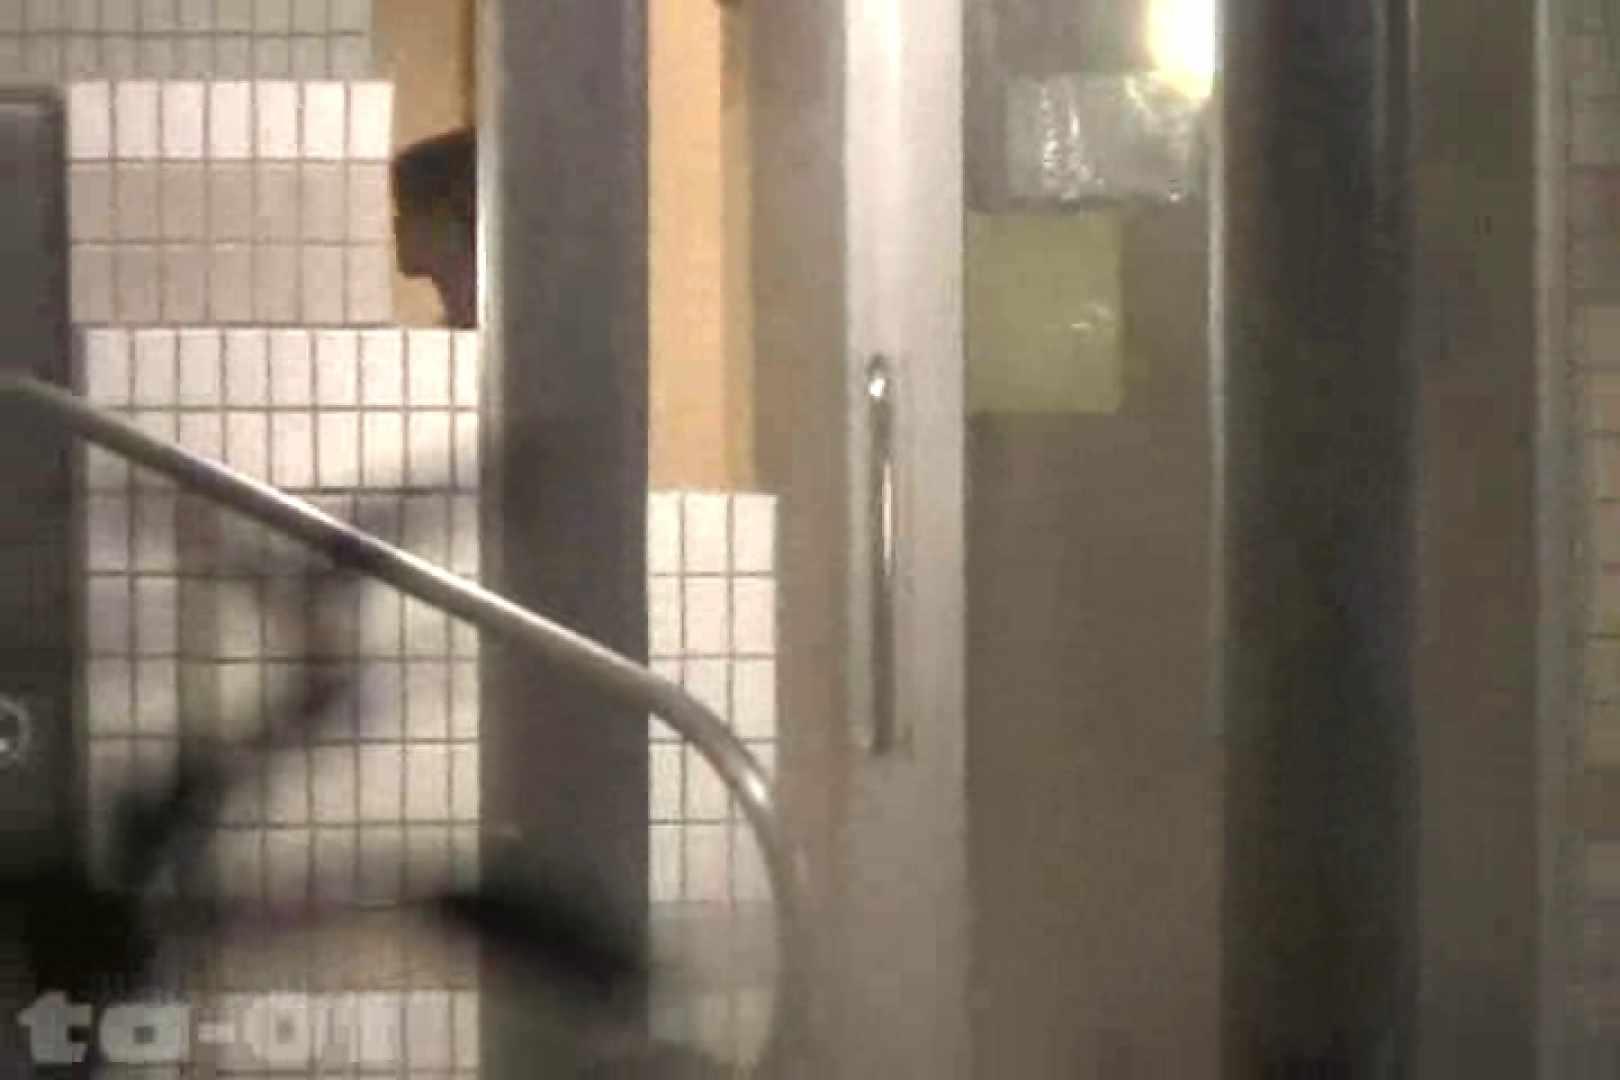 合宿ホテル女風呂盗撮高画質版 Vol.01 合宿 おまんこ動画流出 106画像 99